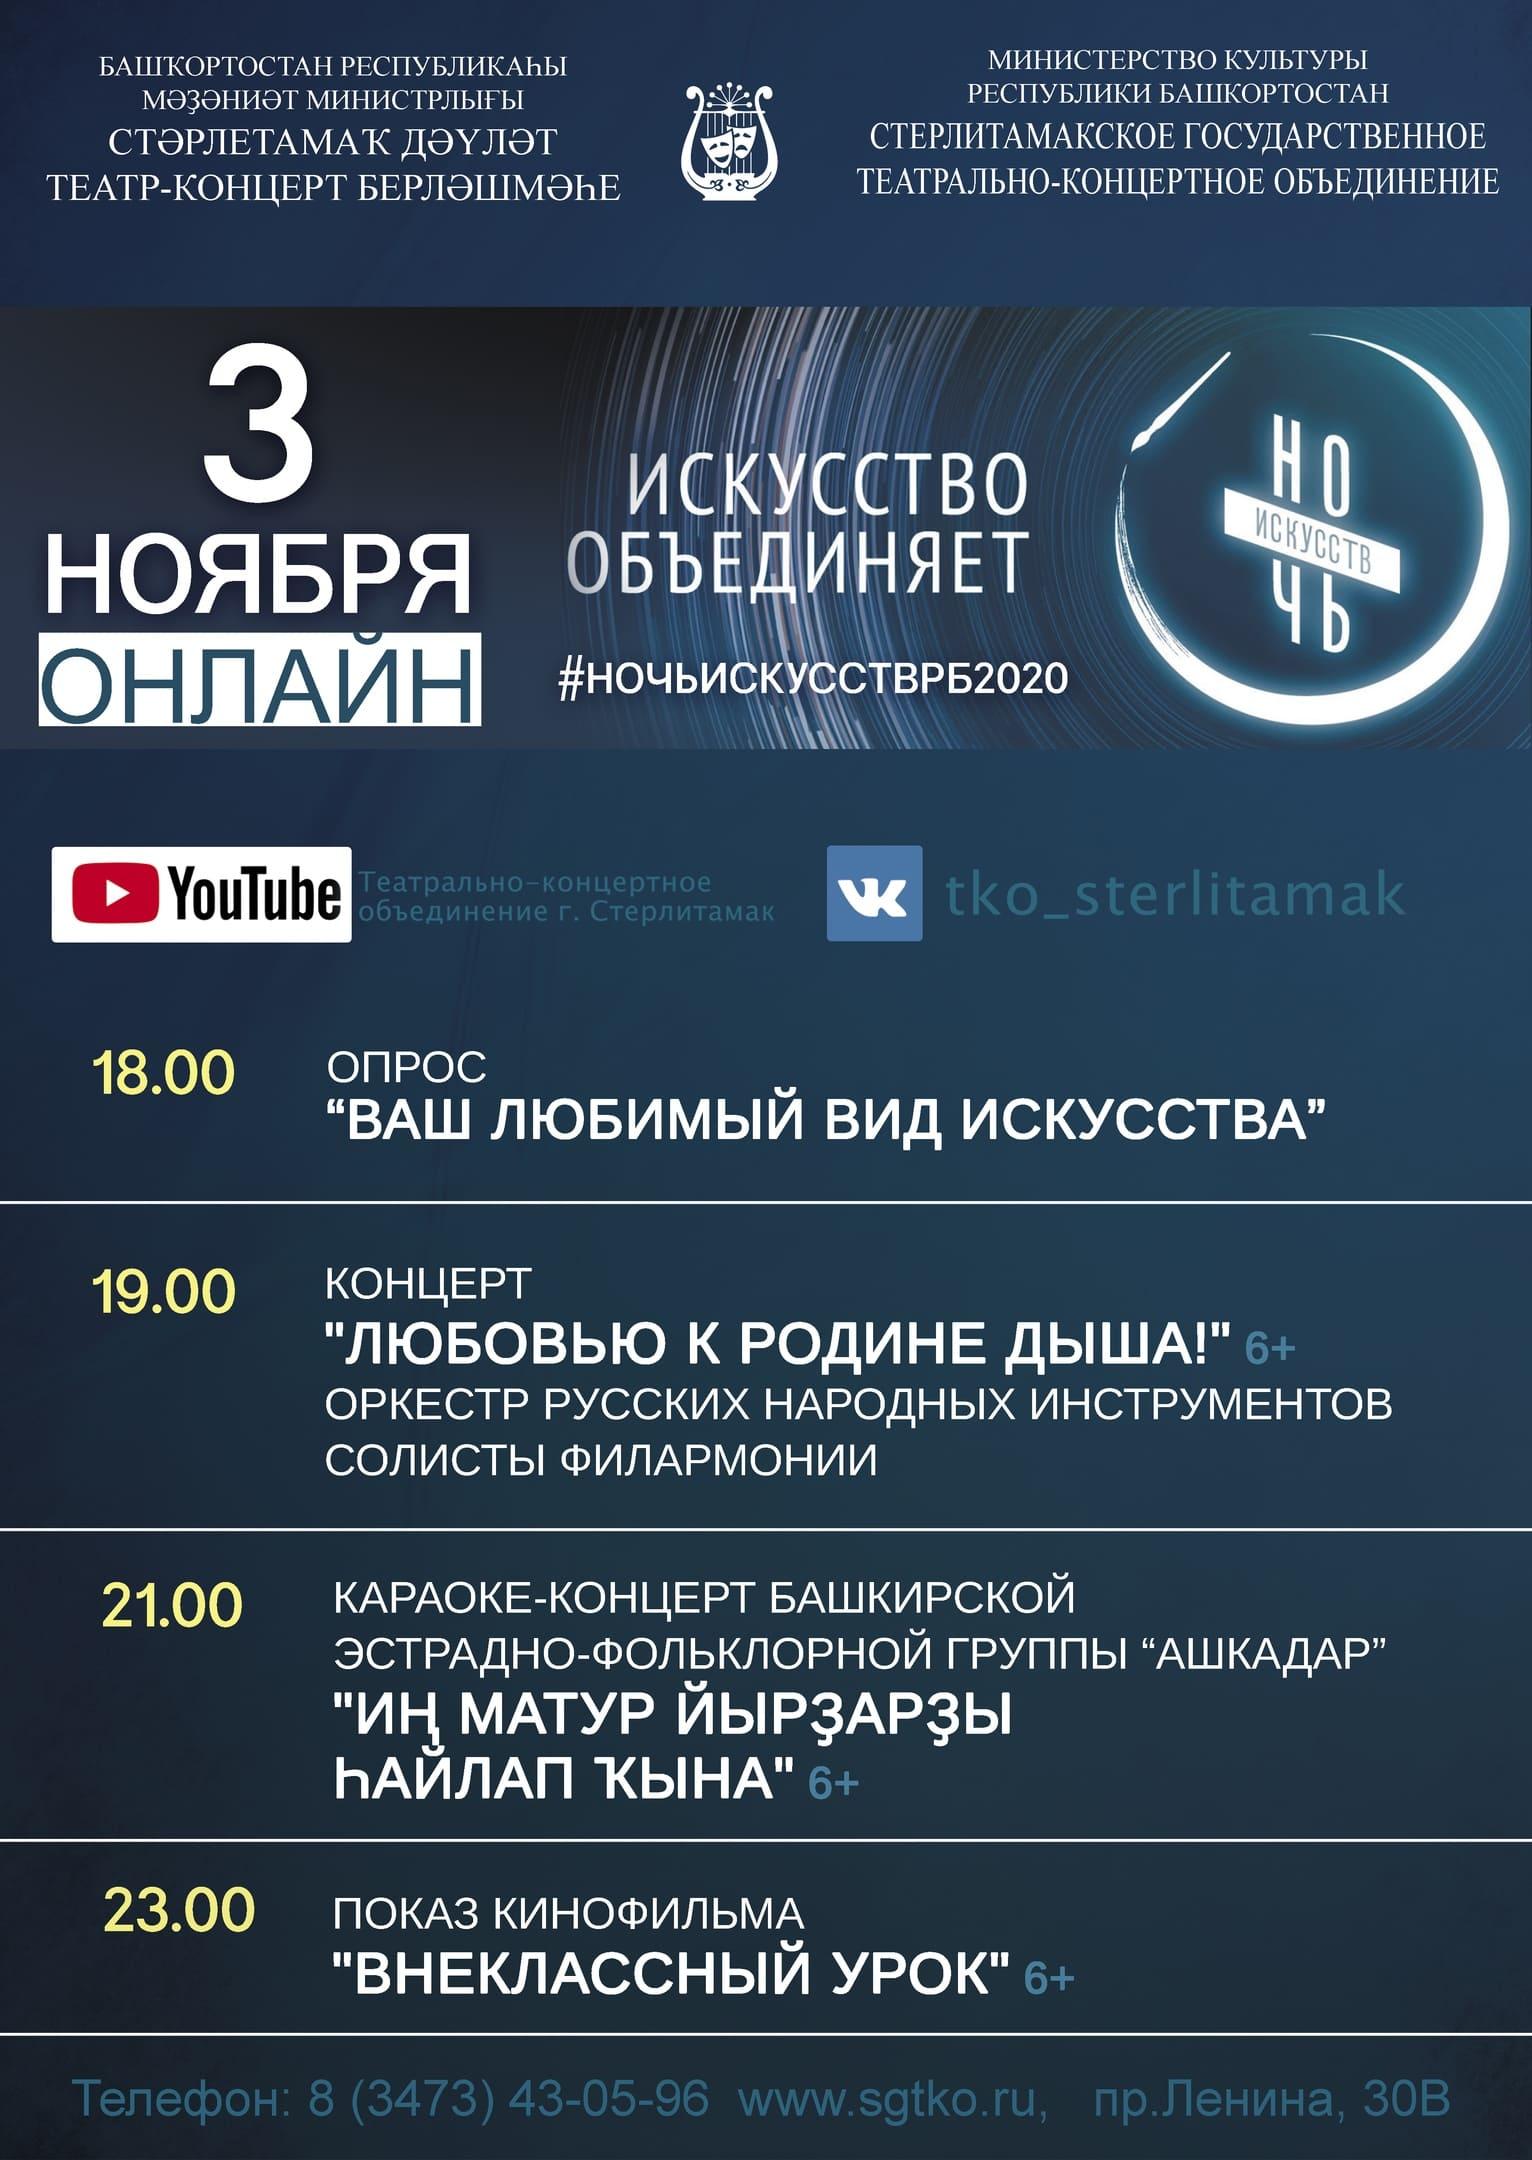 Всероссийская акция«Ночь искусств»пройдет 3ноября